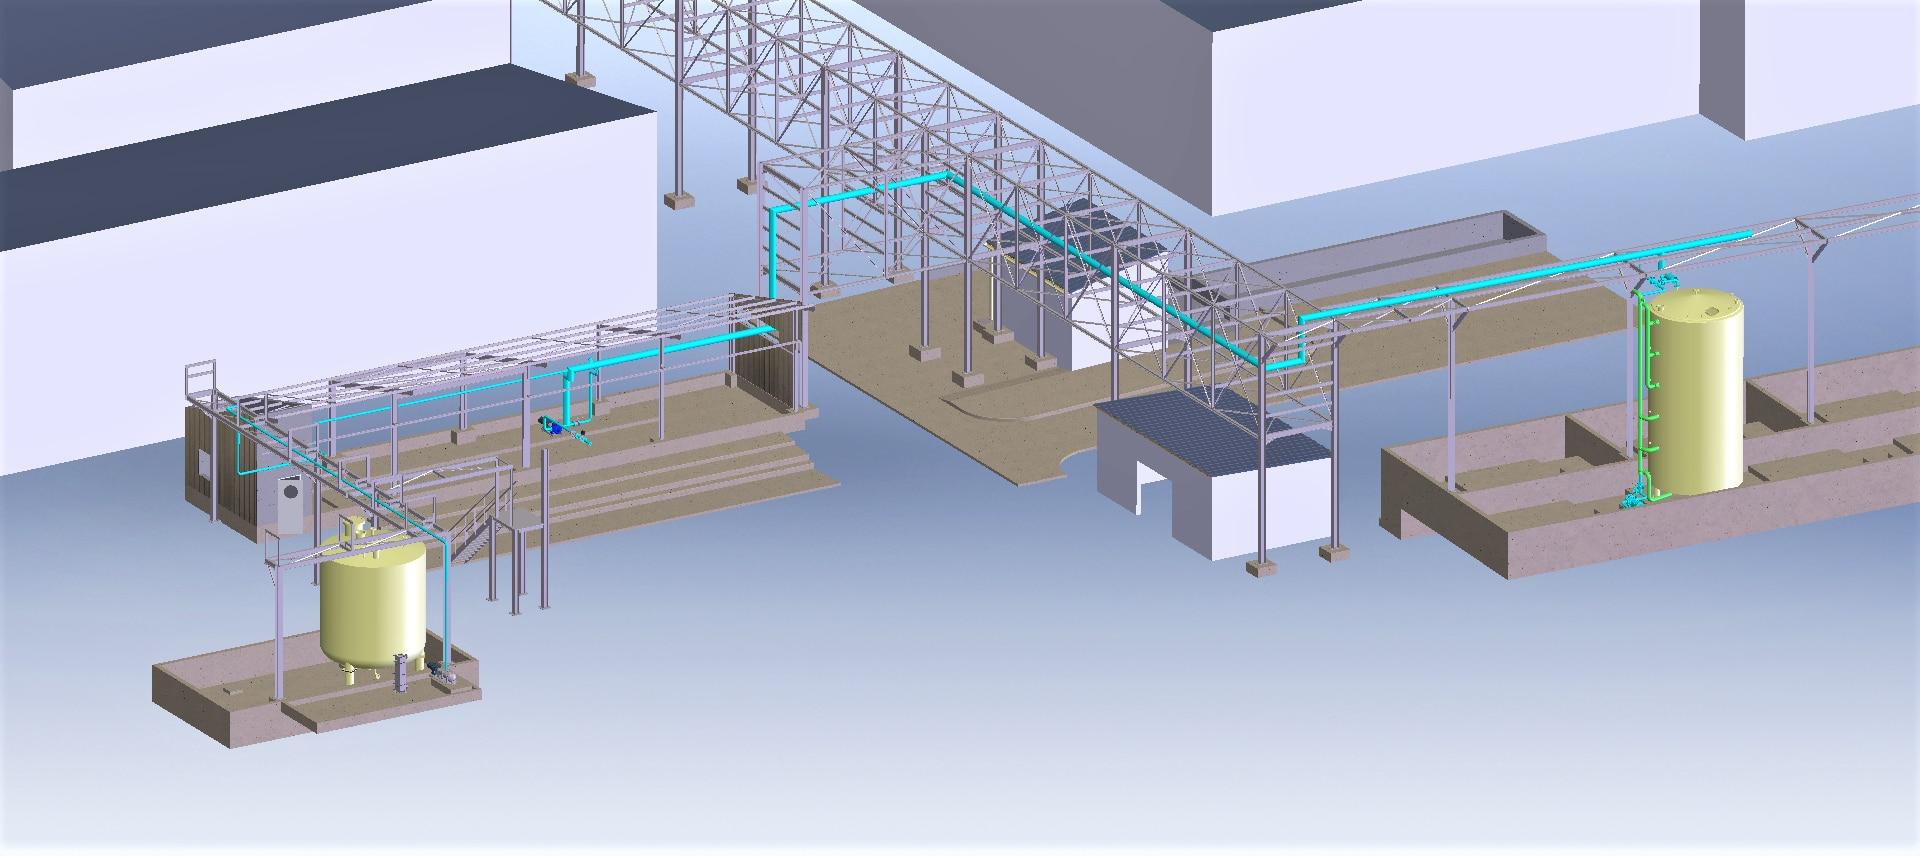 Intégration nouveau process produits chimiques<br>Modélisation APS